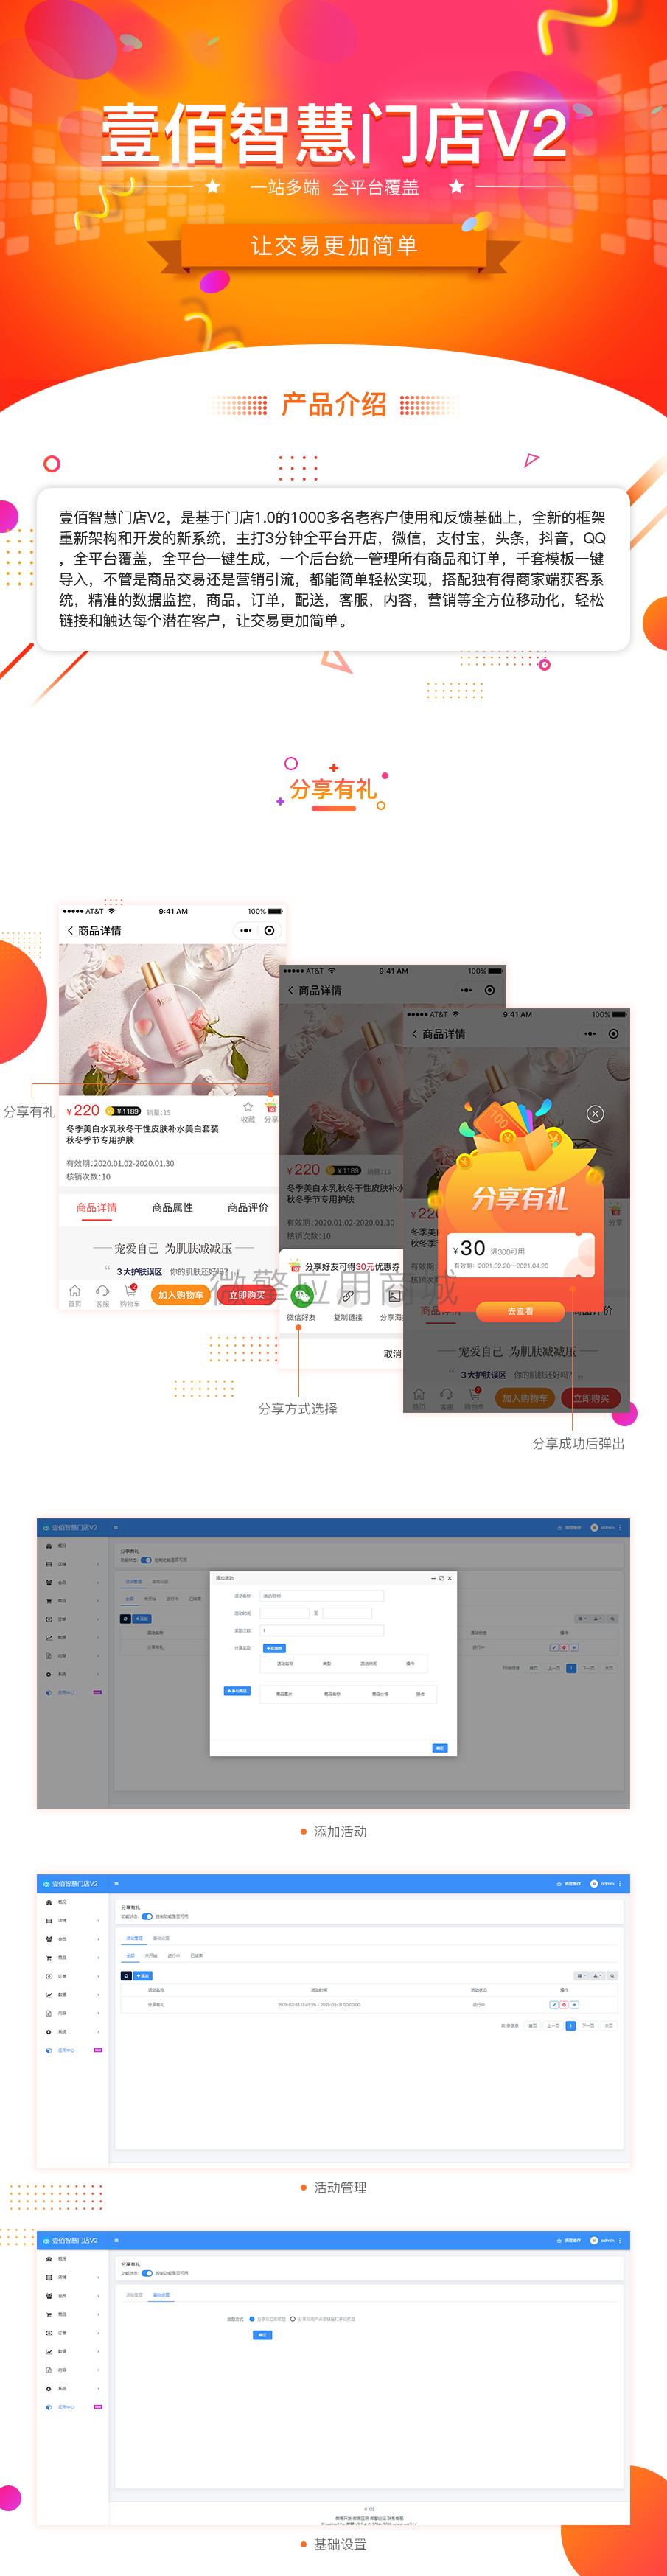 壹佰门店V2分享有礼-微一家